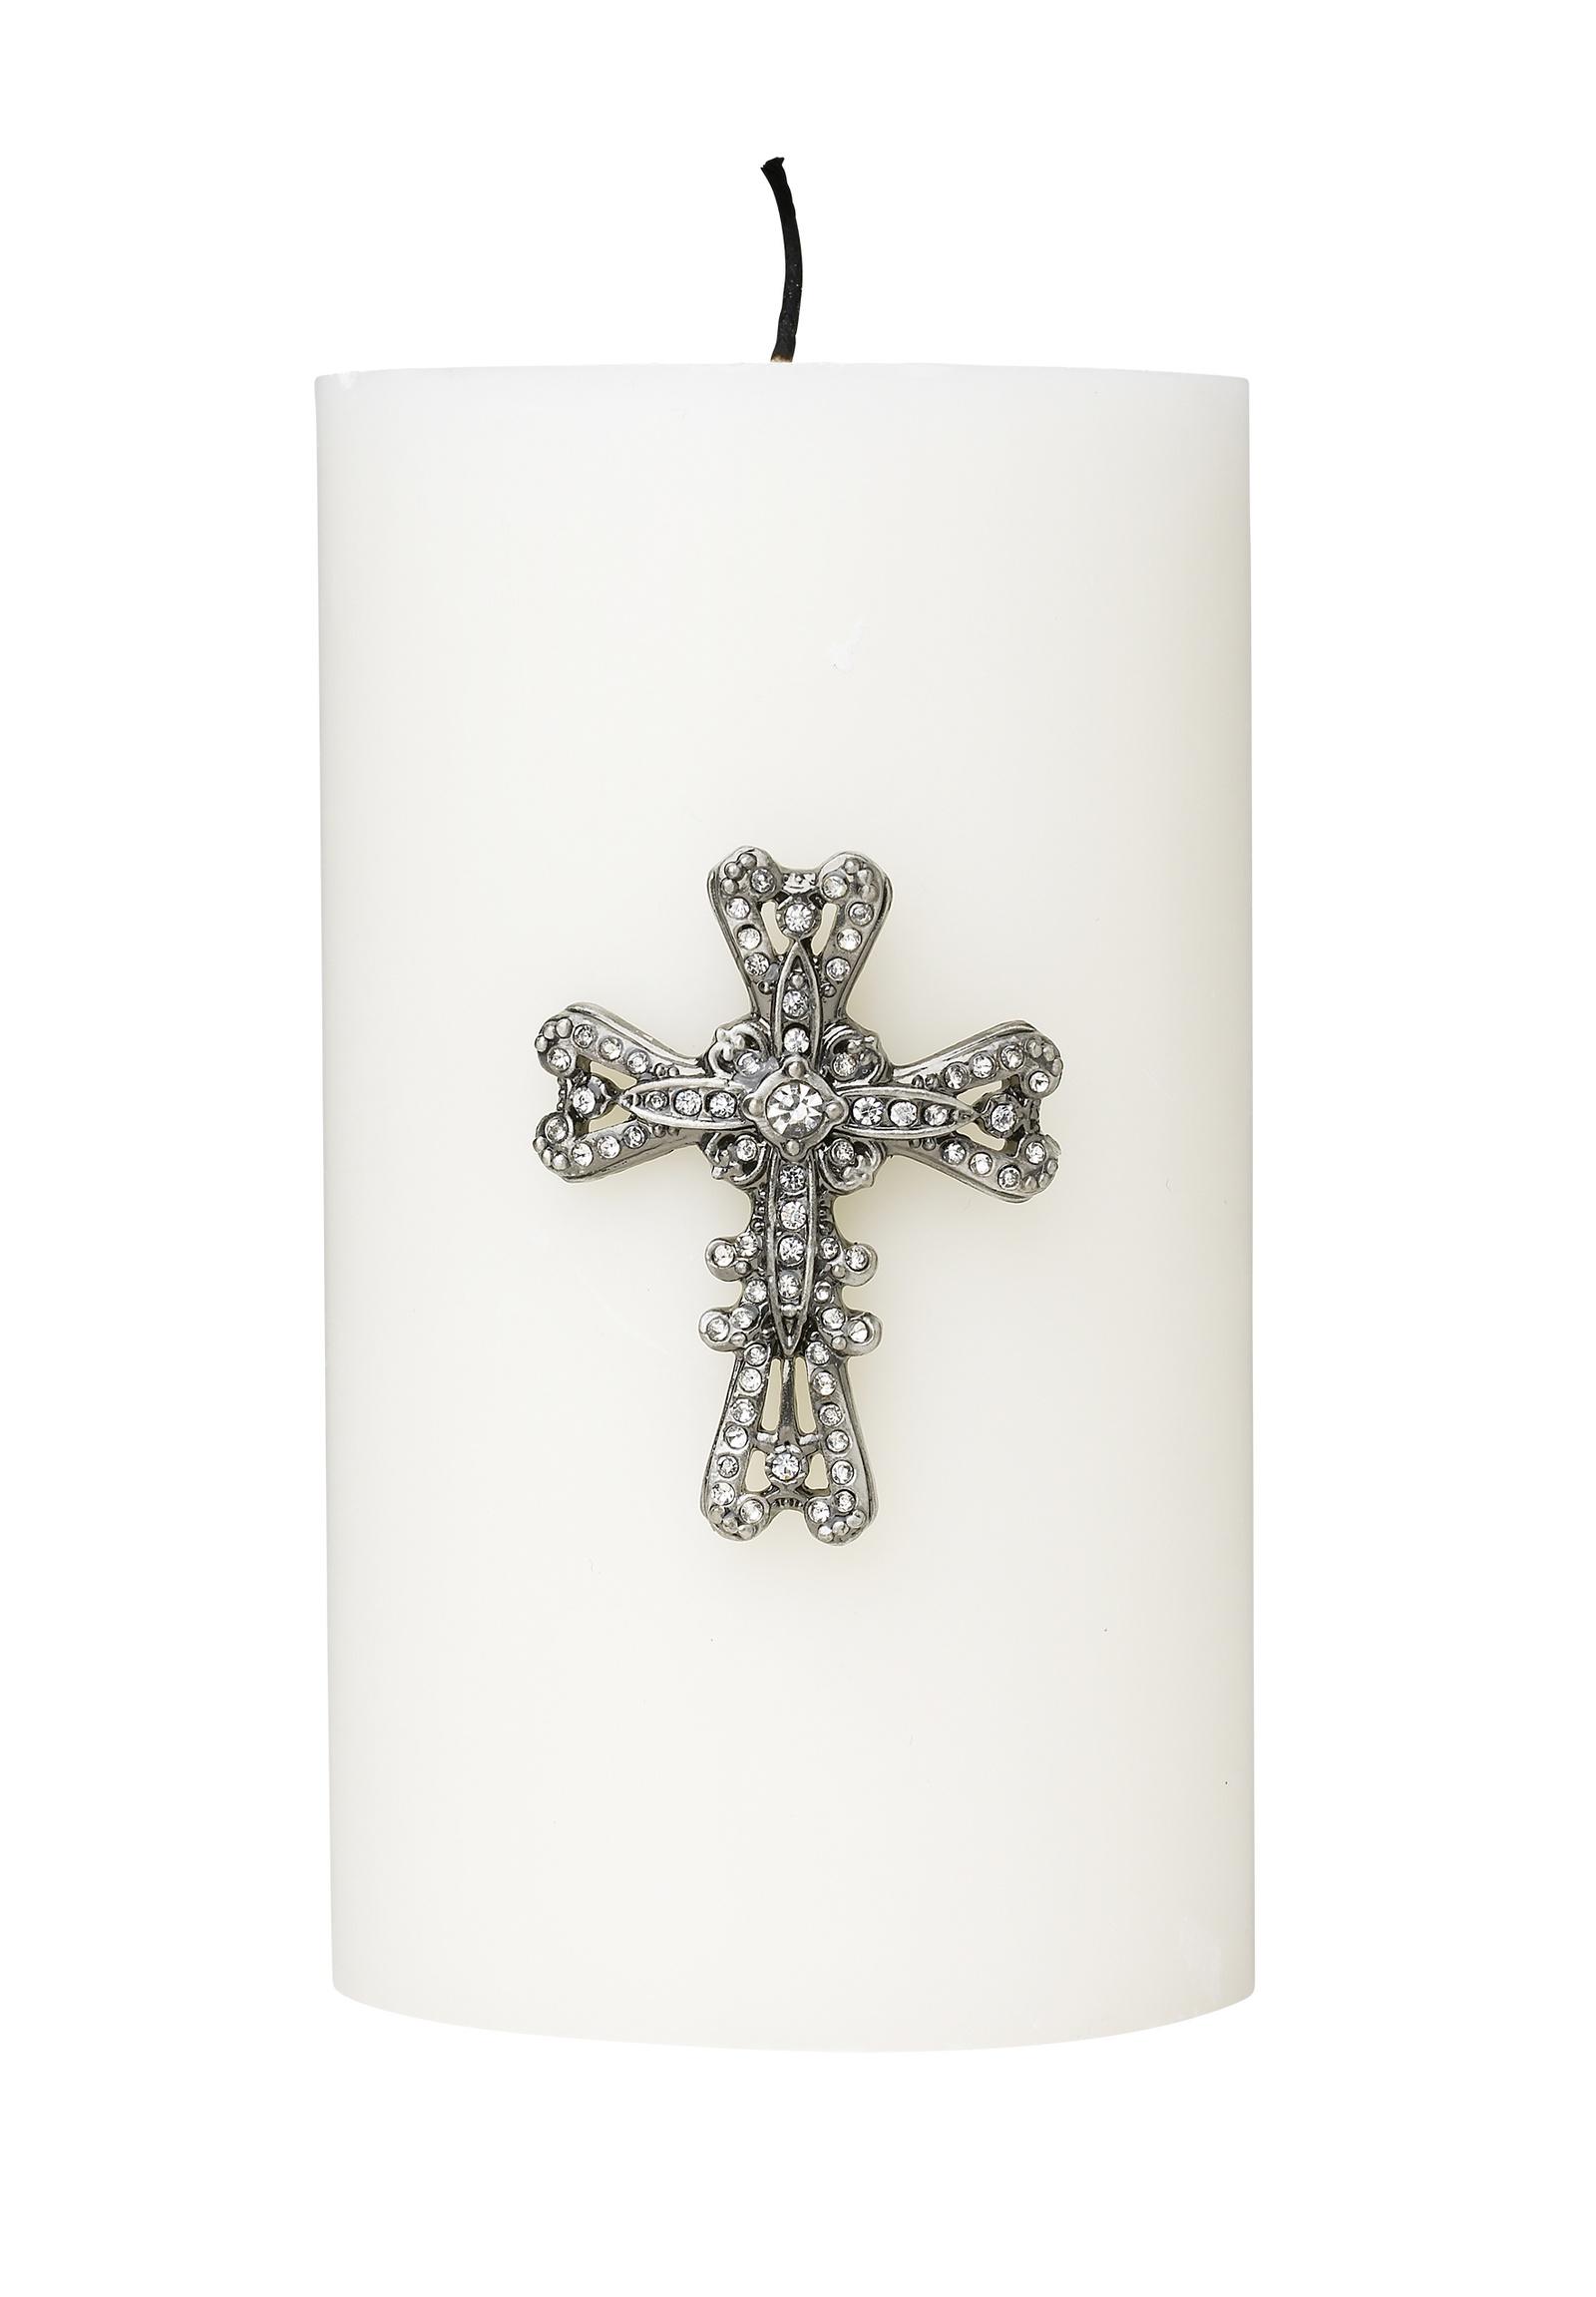 Украшение для свечи Molly Marais Crystals, Размер: Высота 5, ширина 2, длина 3,8., Цвет: серебряный, DE520028 комплект термобелья мужской серебряный пингвин лонгслив кальсоны цвет черный с 6051 к размер 48